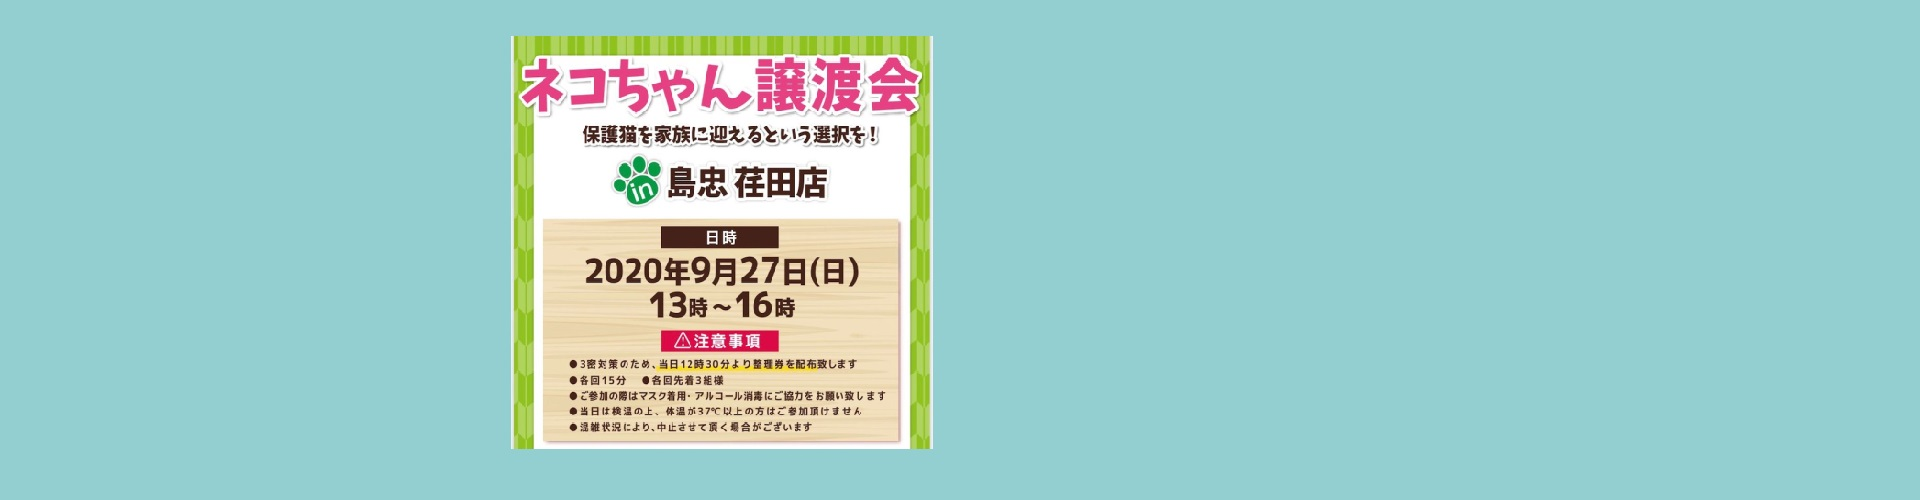 譲渡会(9/27)